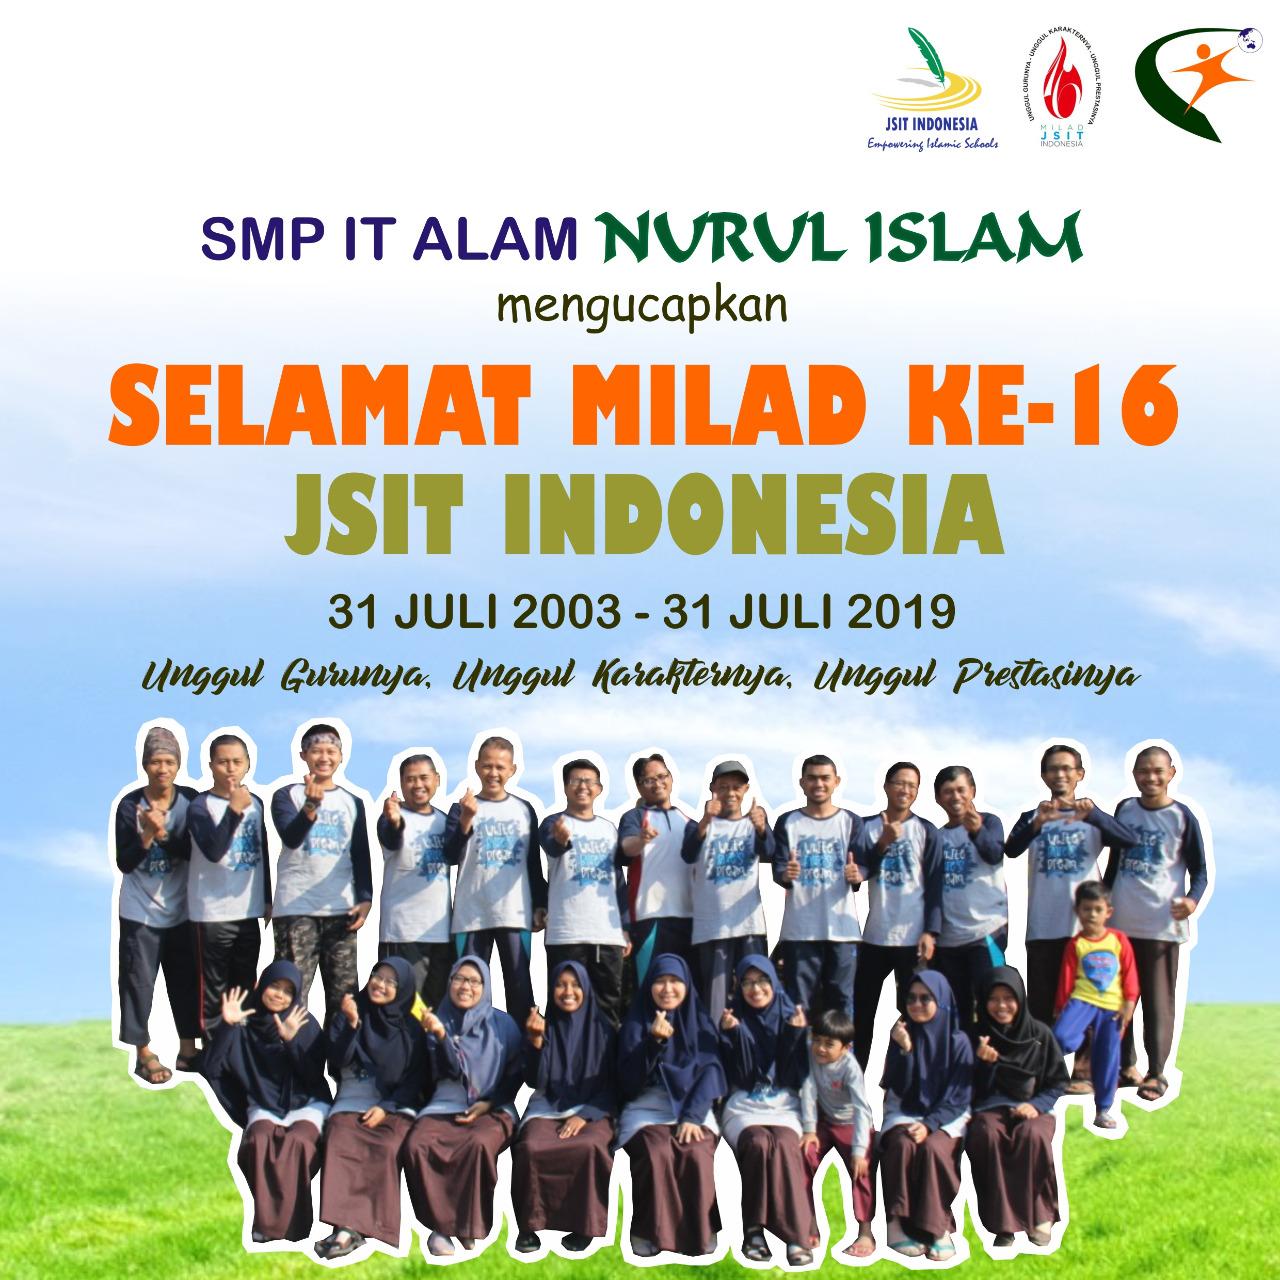 MILAD JSIT INDONESIA KE-16